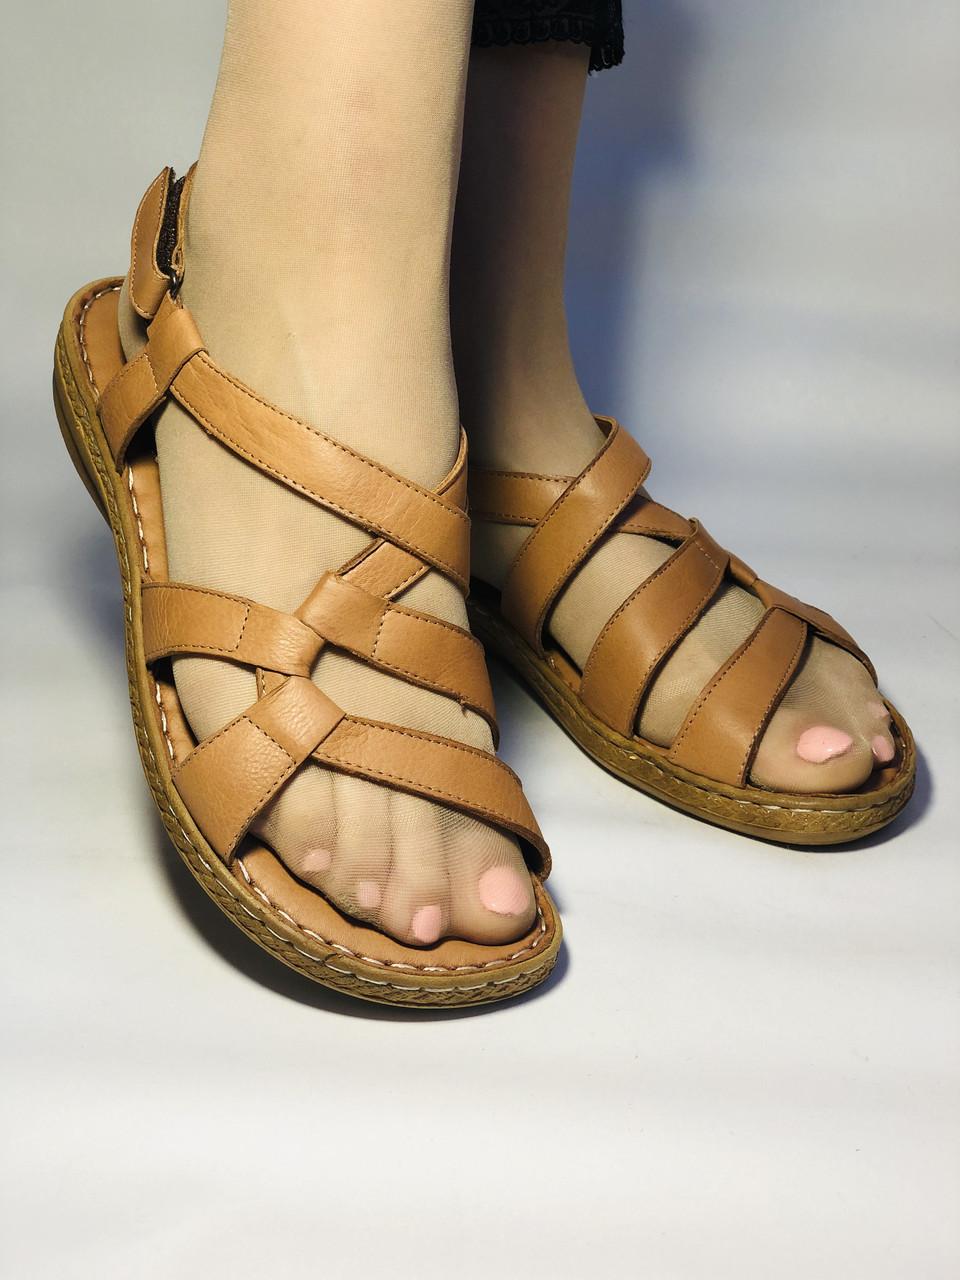 Жіночі шкіряні босоніжки .Розмір 37.39 Туреччина